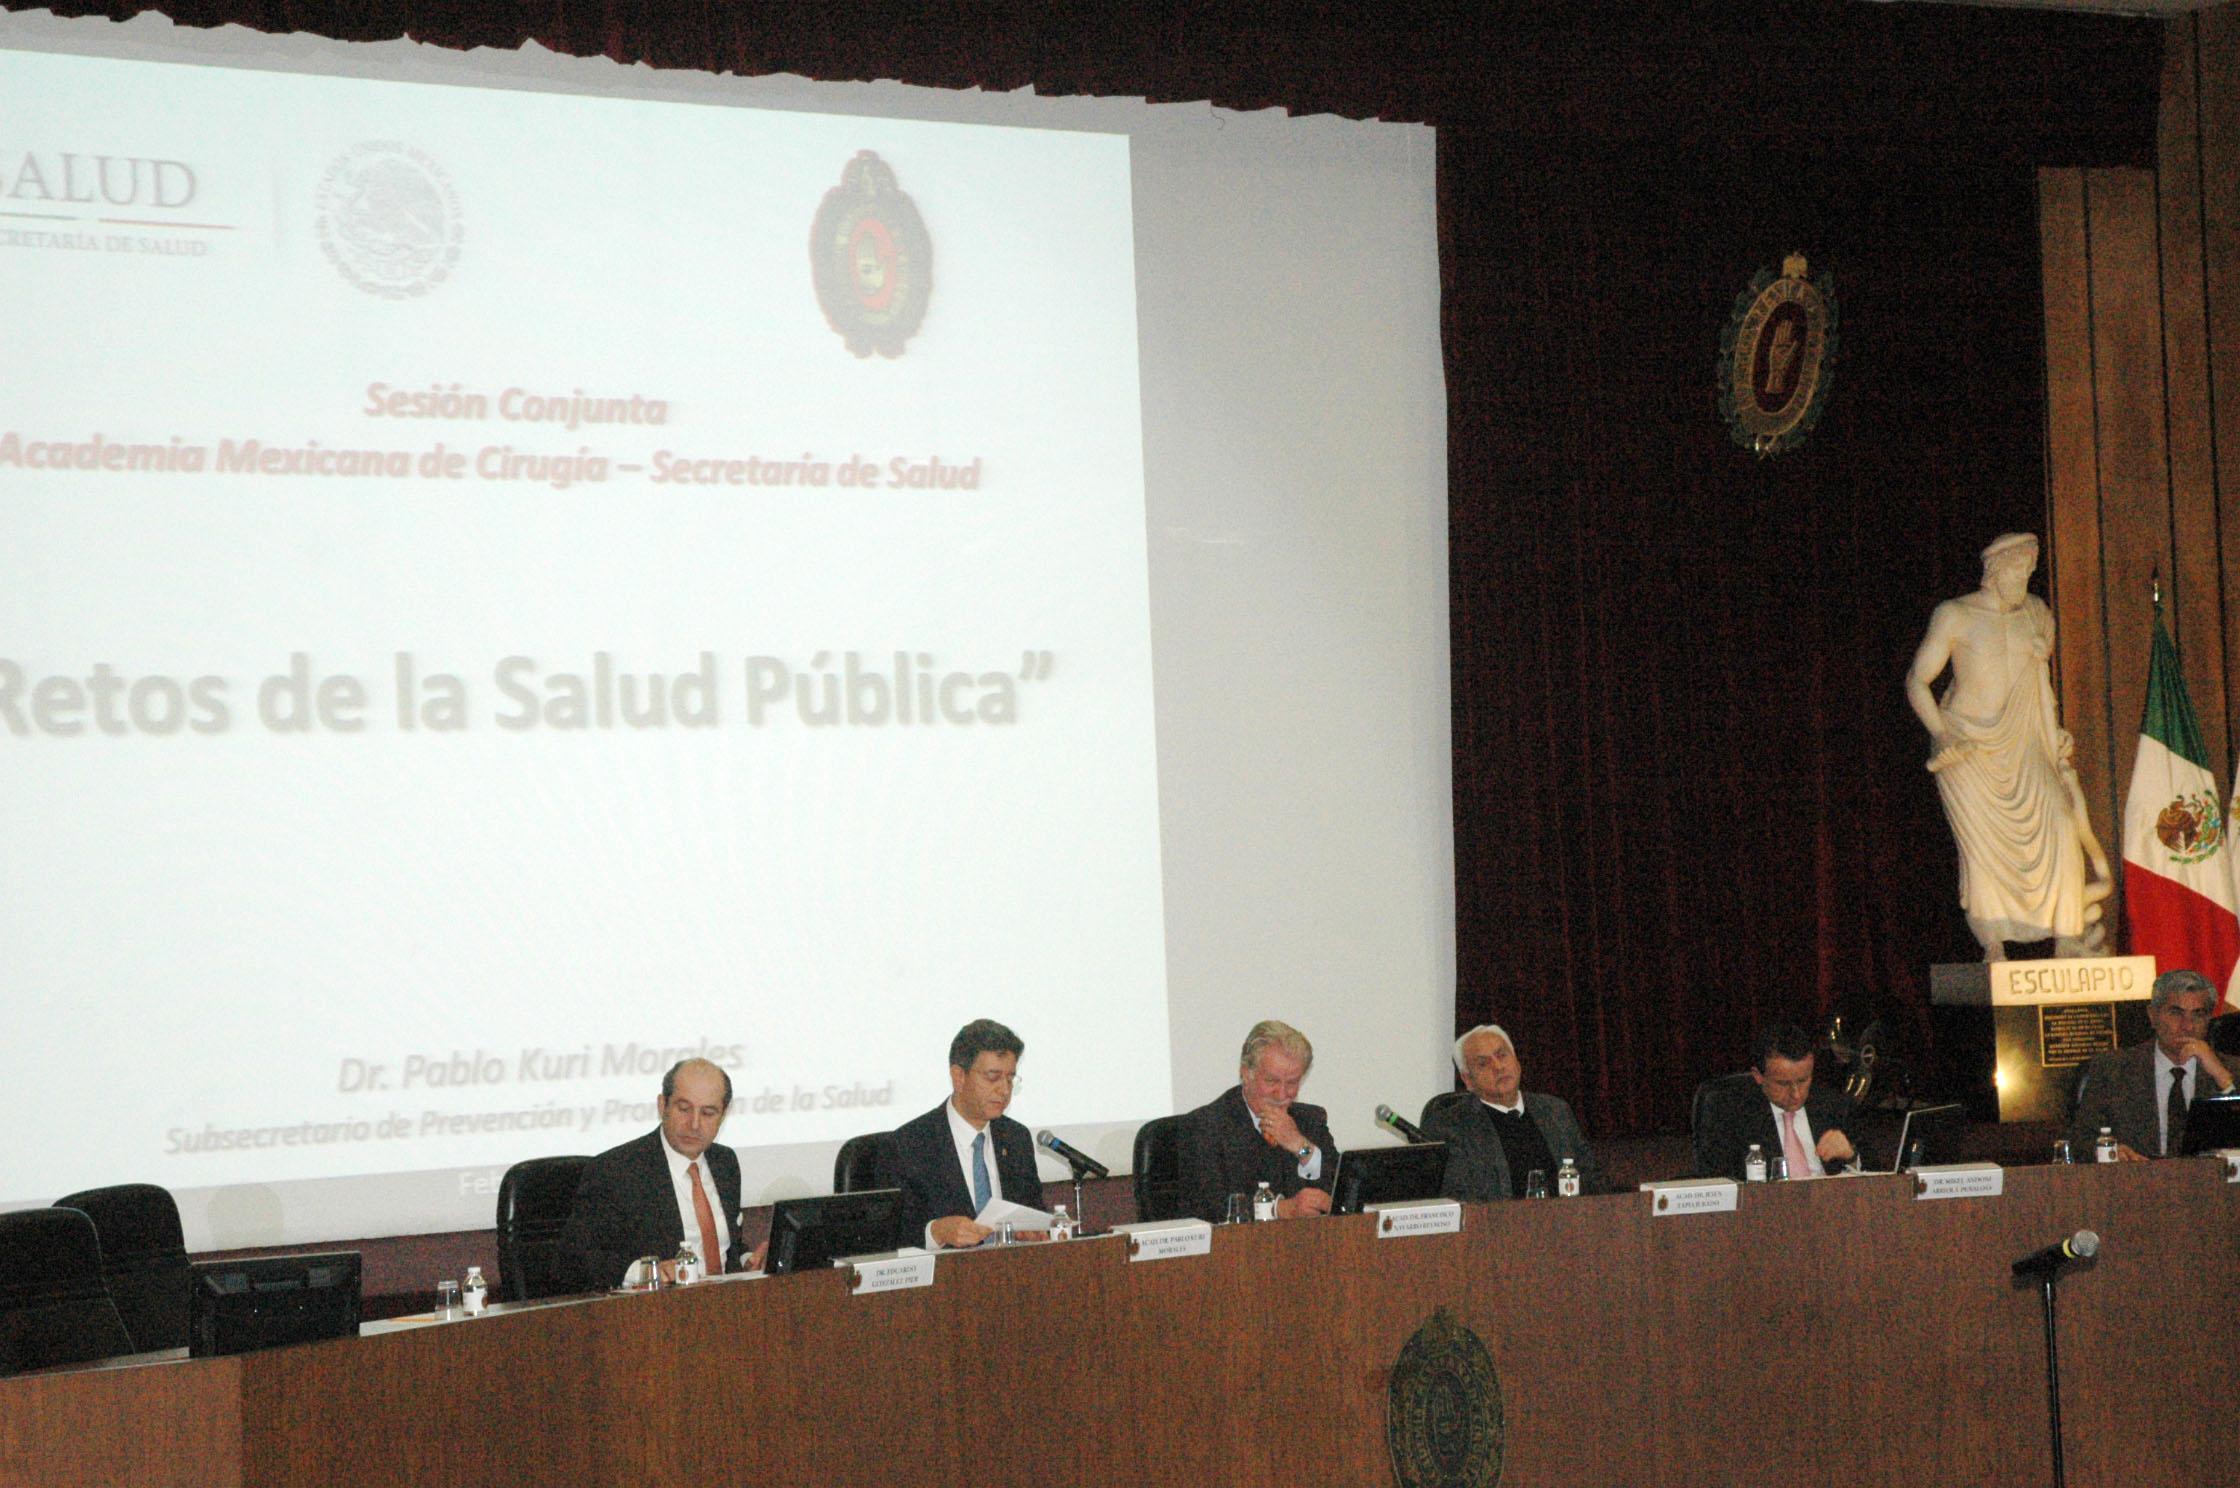 Sesion Conjunta Academia Mexicana de Cirugia